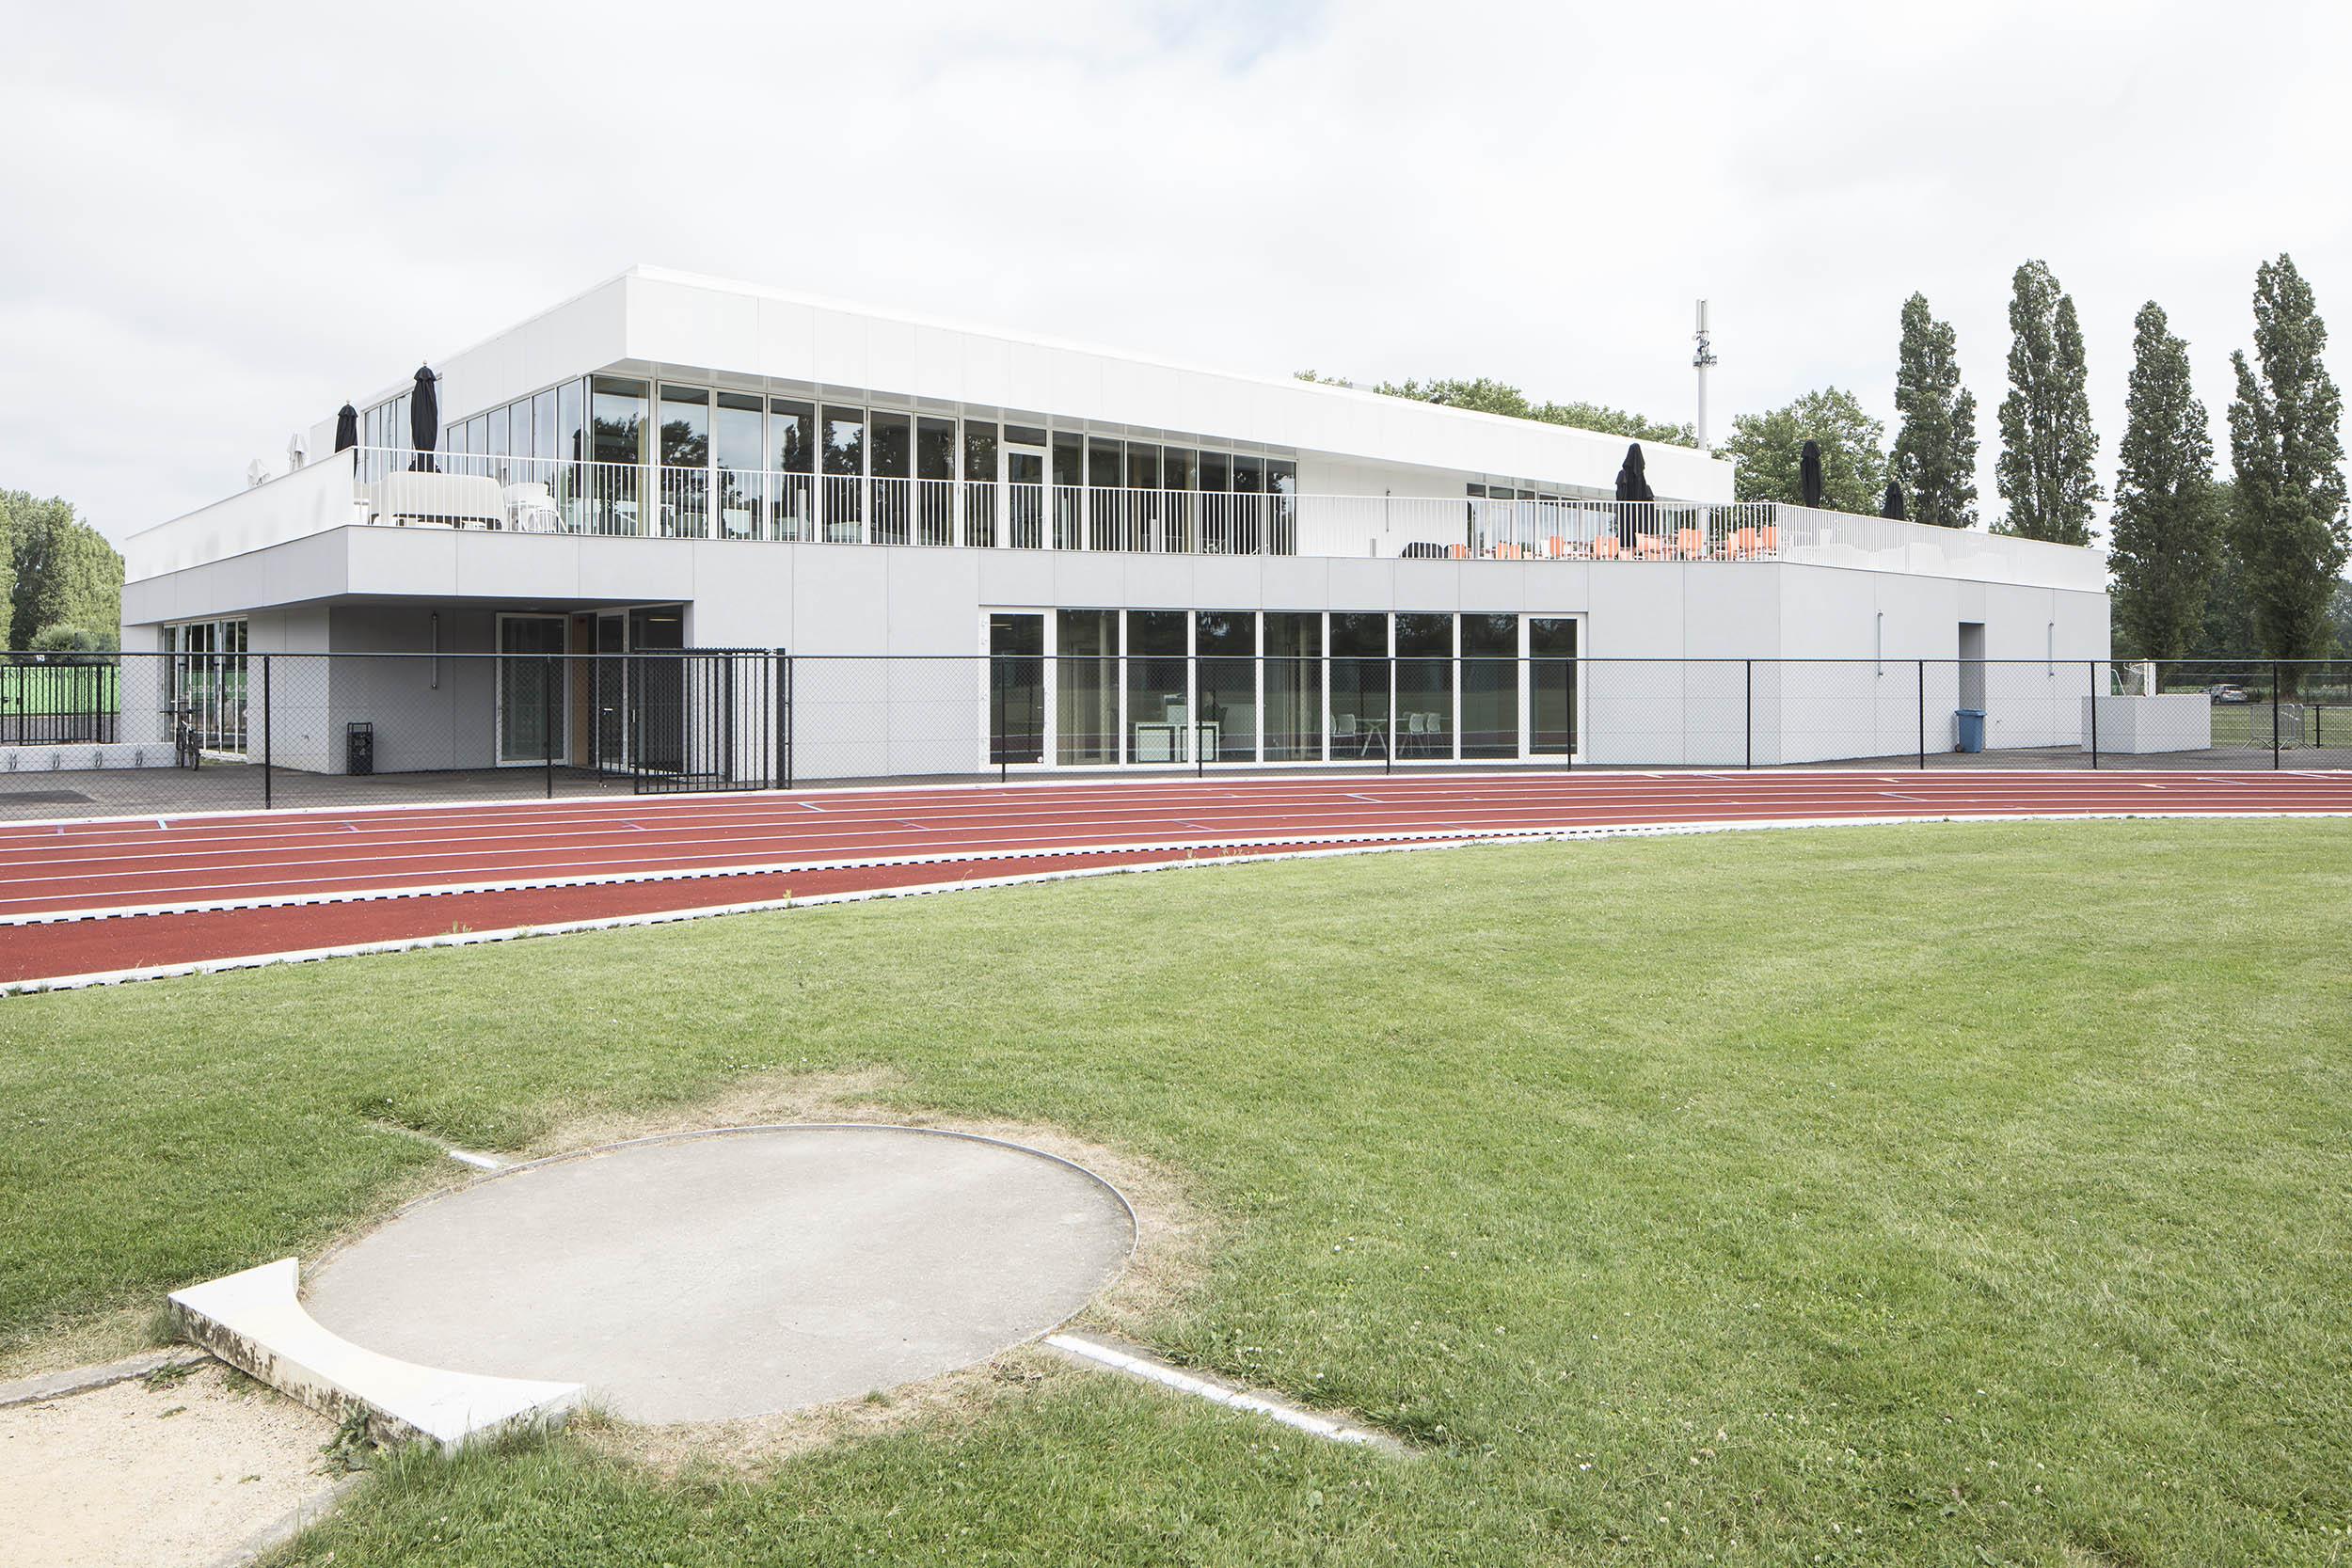 SvD_hvh_Aartselaar Sportcentrum-51.jpg